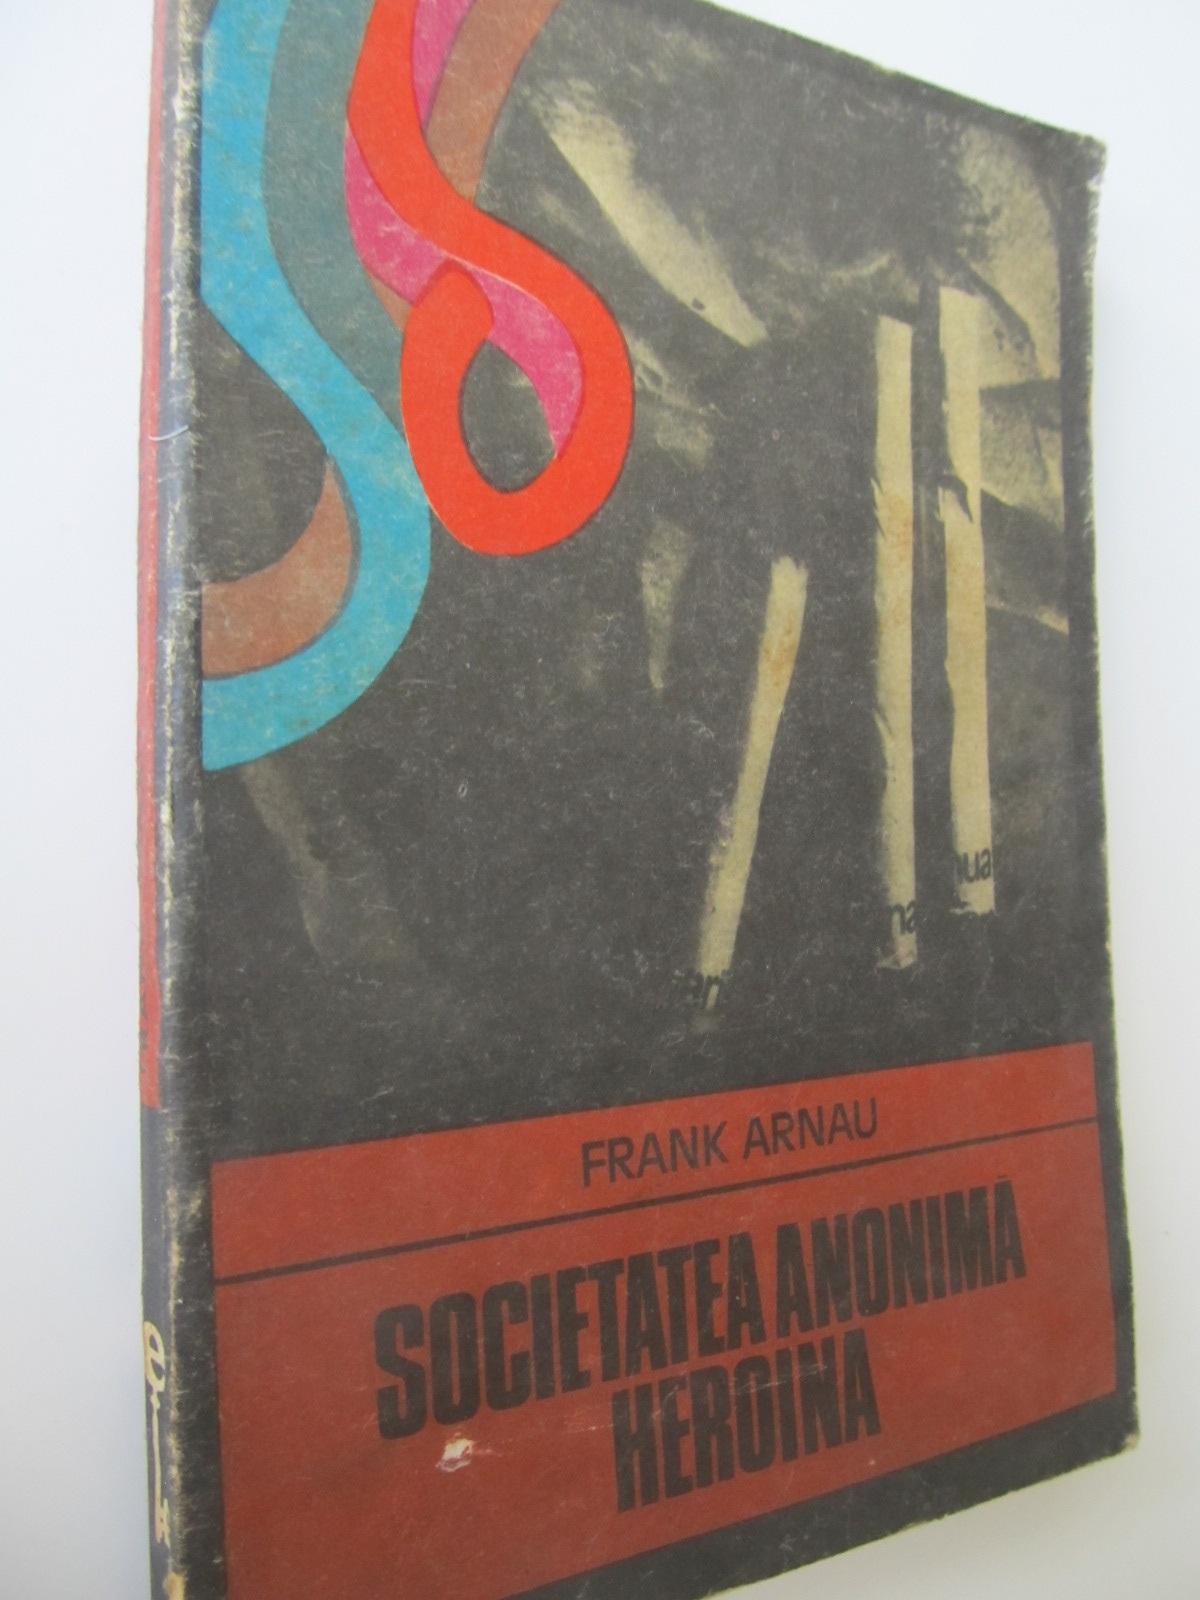 Societatea anonima heroina - Frank Arnau | Detalii carte